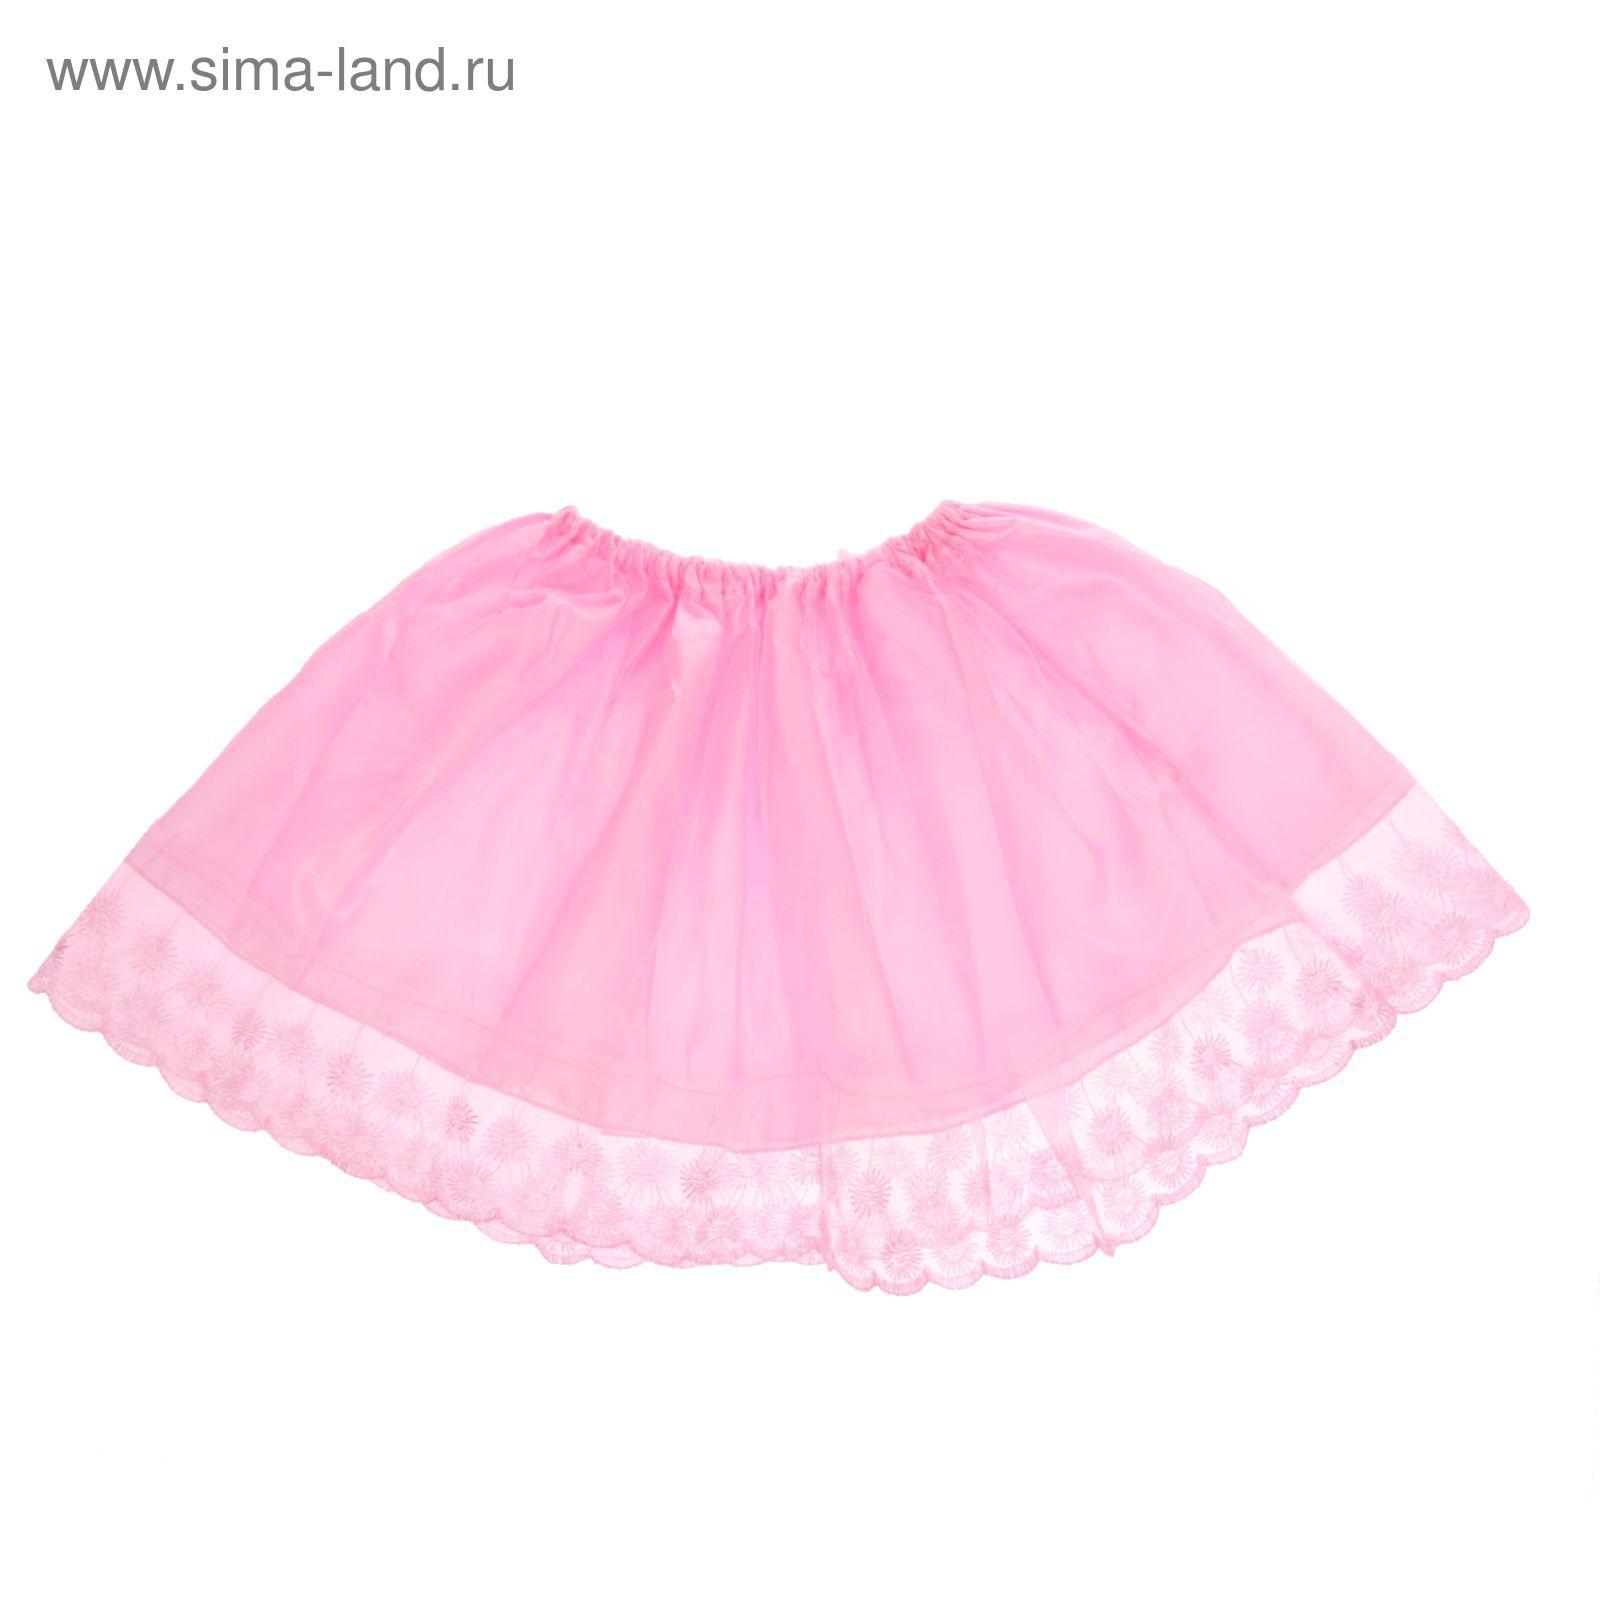 99caa3f566d Карнавальная юбка